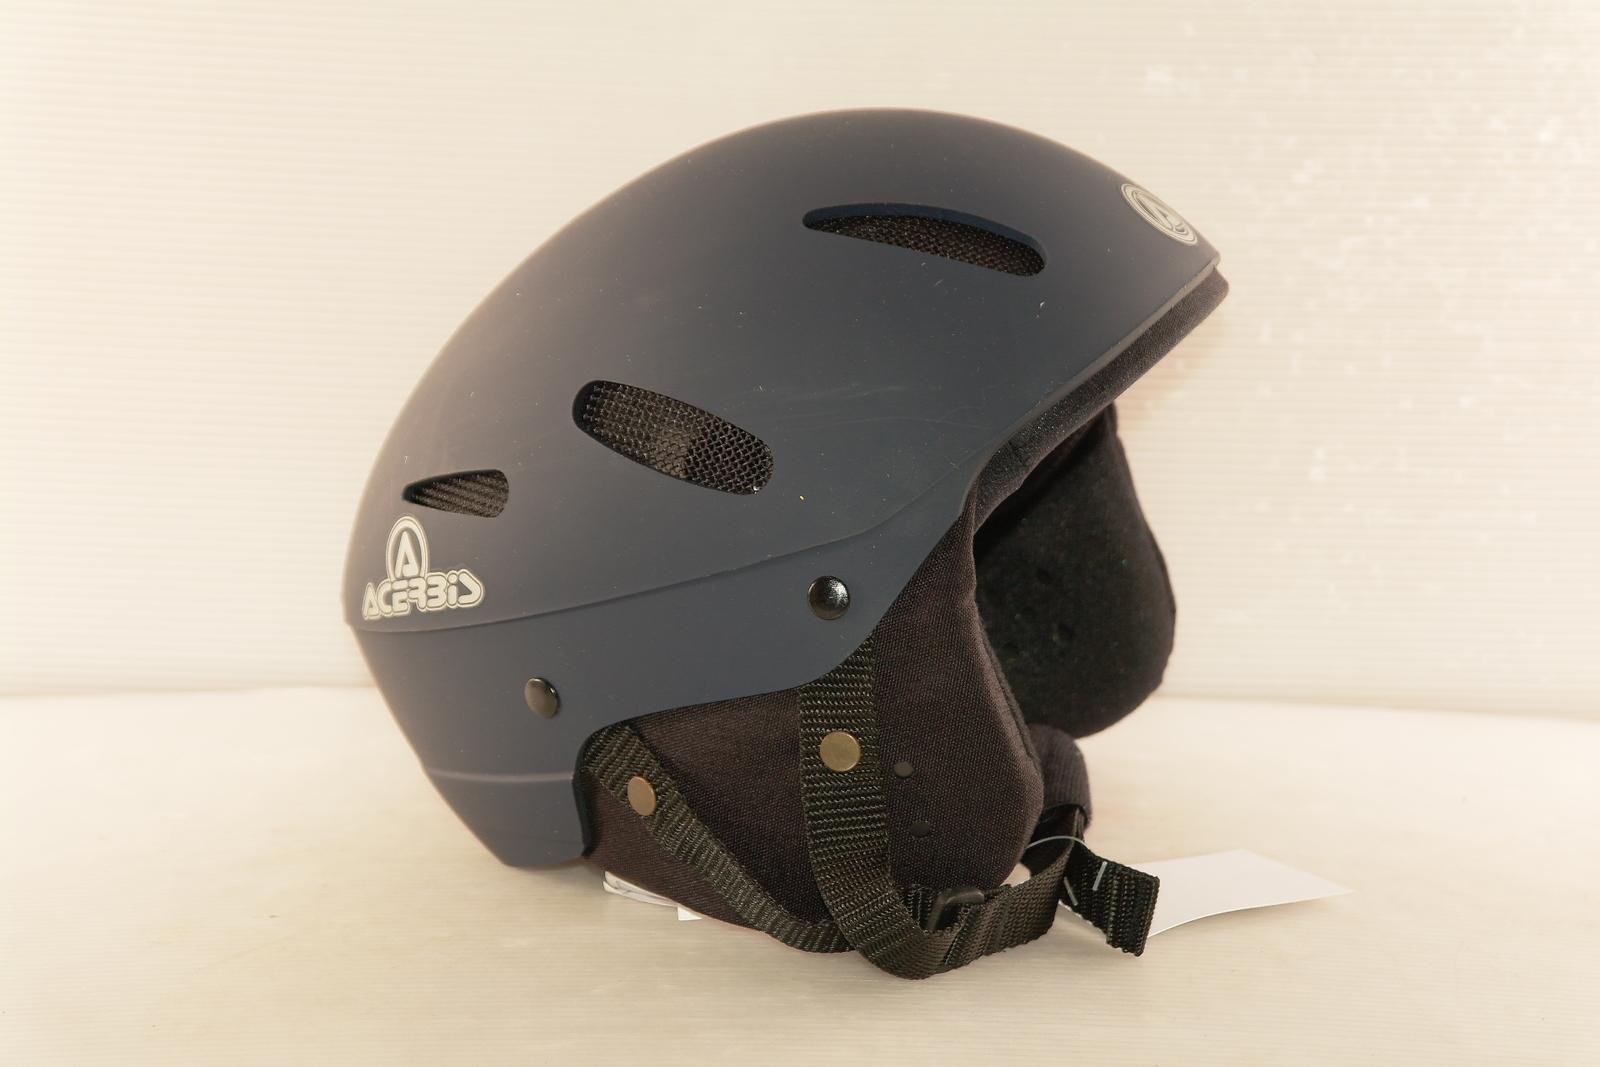 Dětská lyžařská helma Acerbis Cool vel. 58